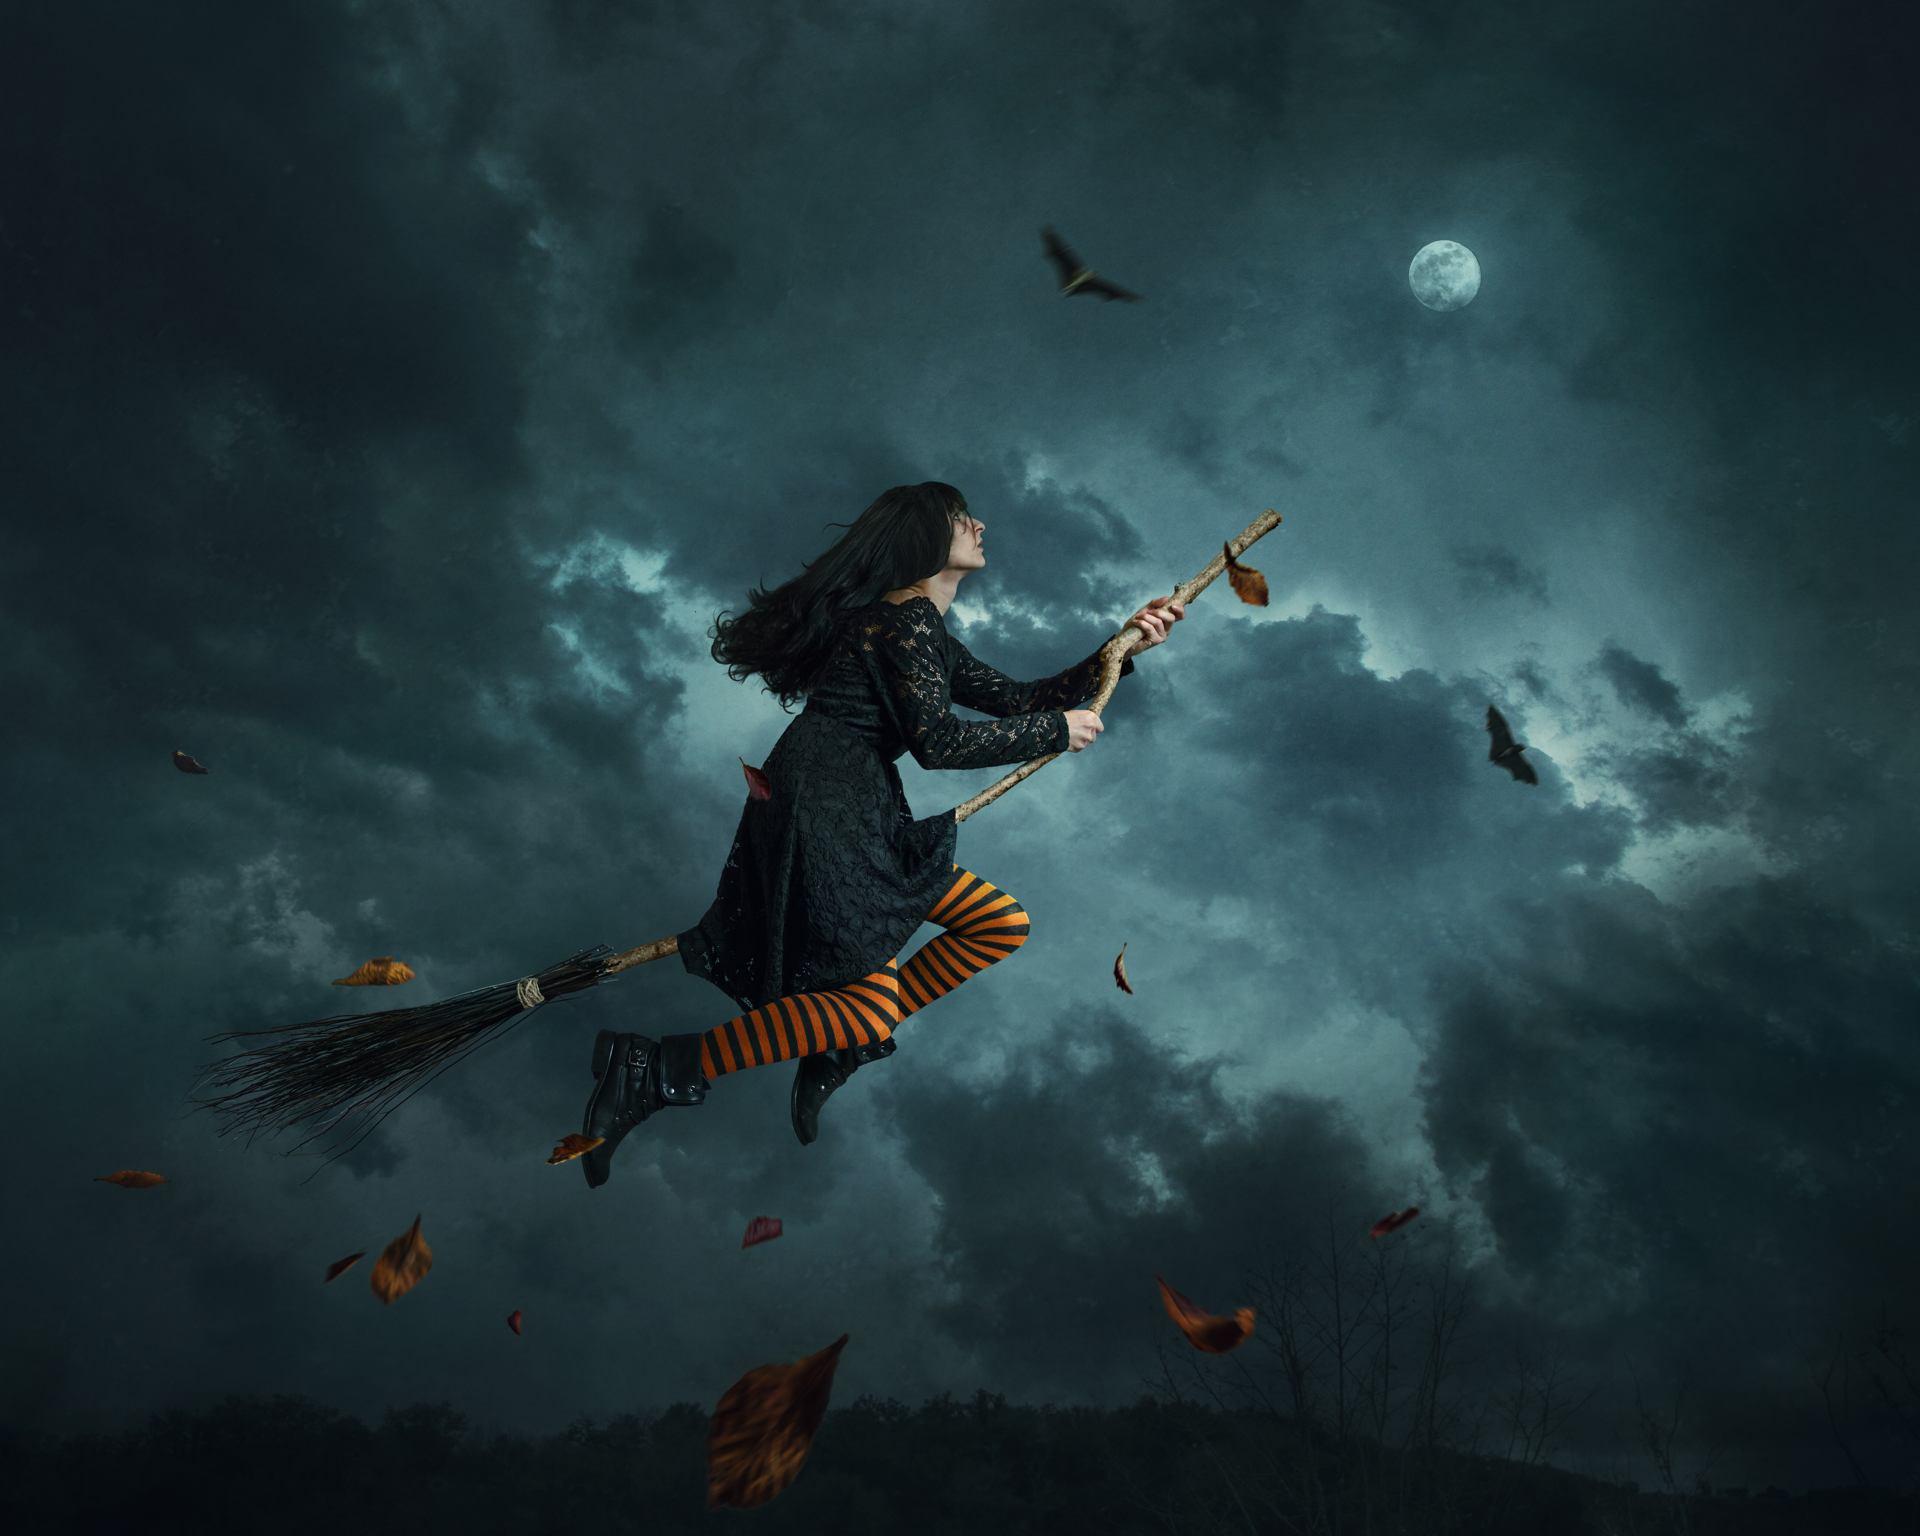 La saison des sorcières